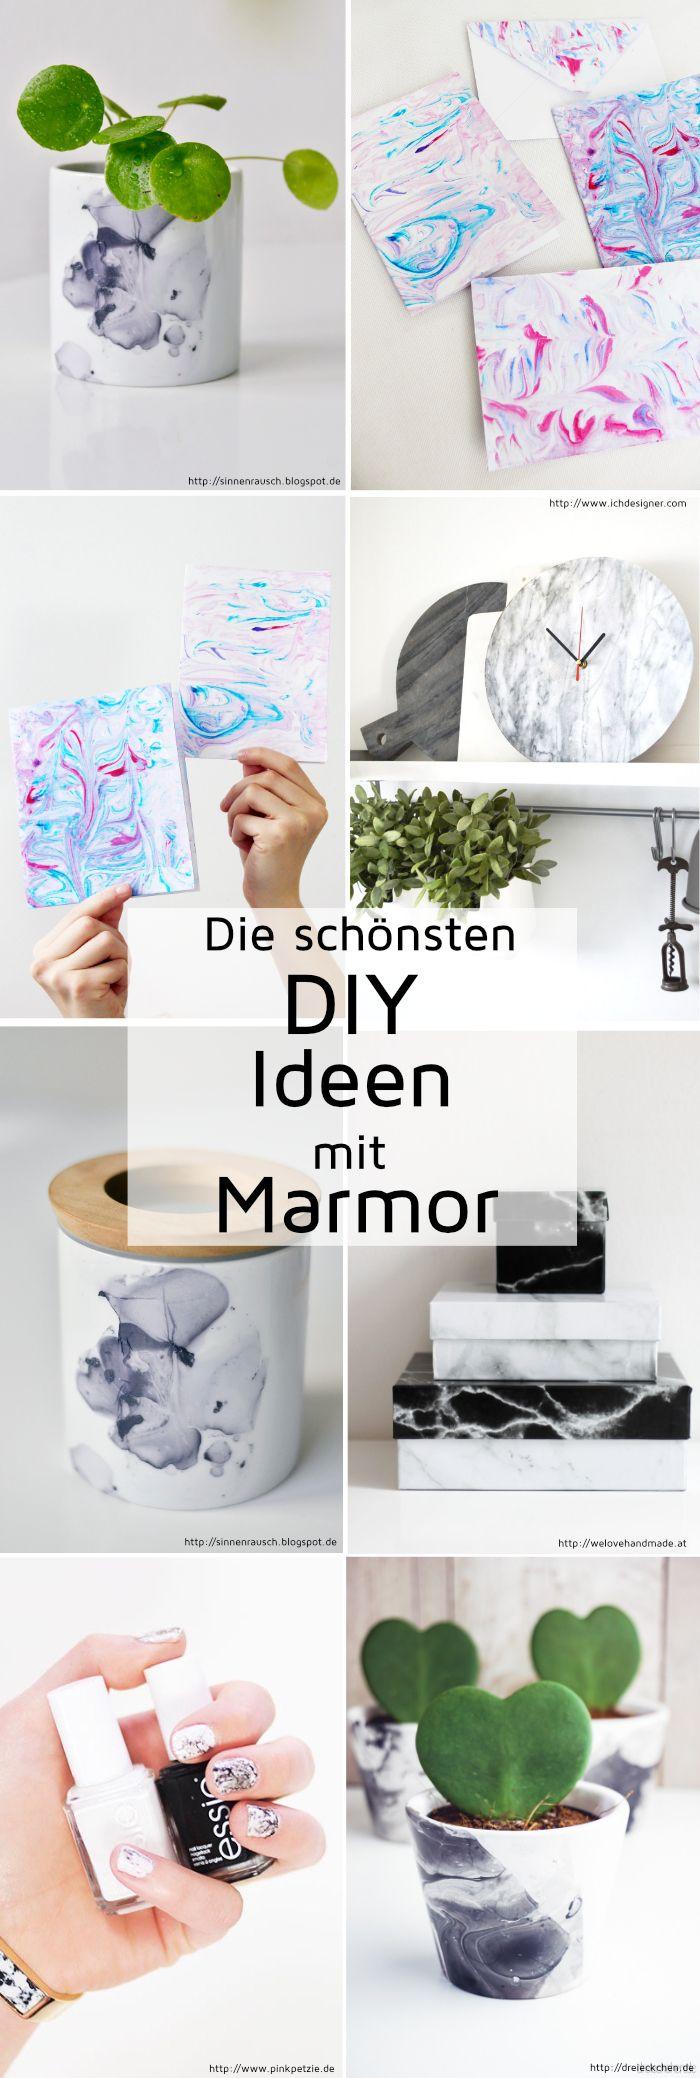 DIY Ideen mit Marmor: Die schönsten Marmoriertechniken zum Selbermachen